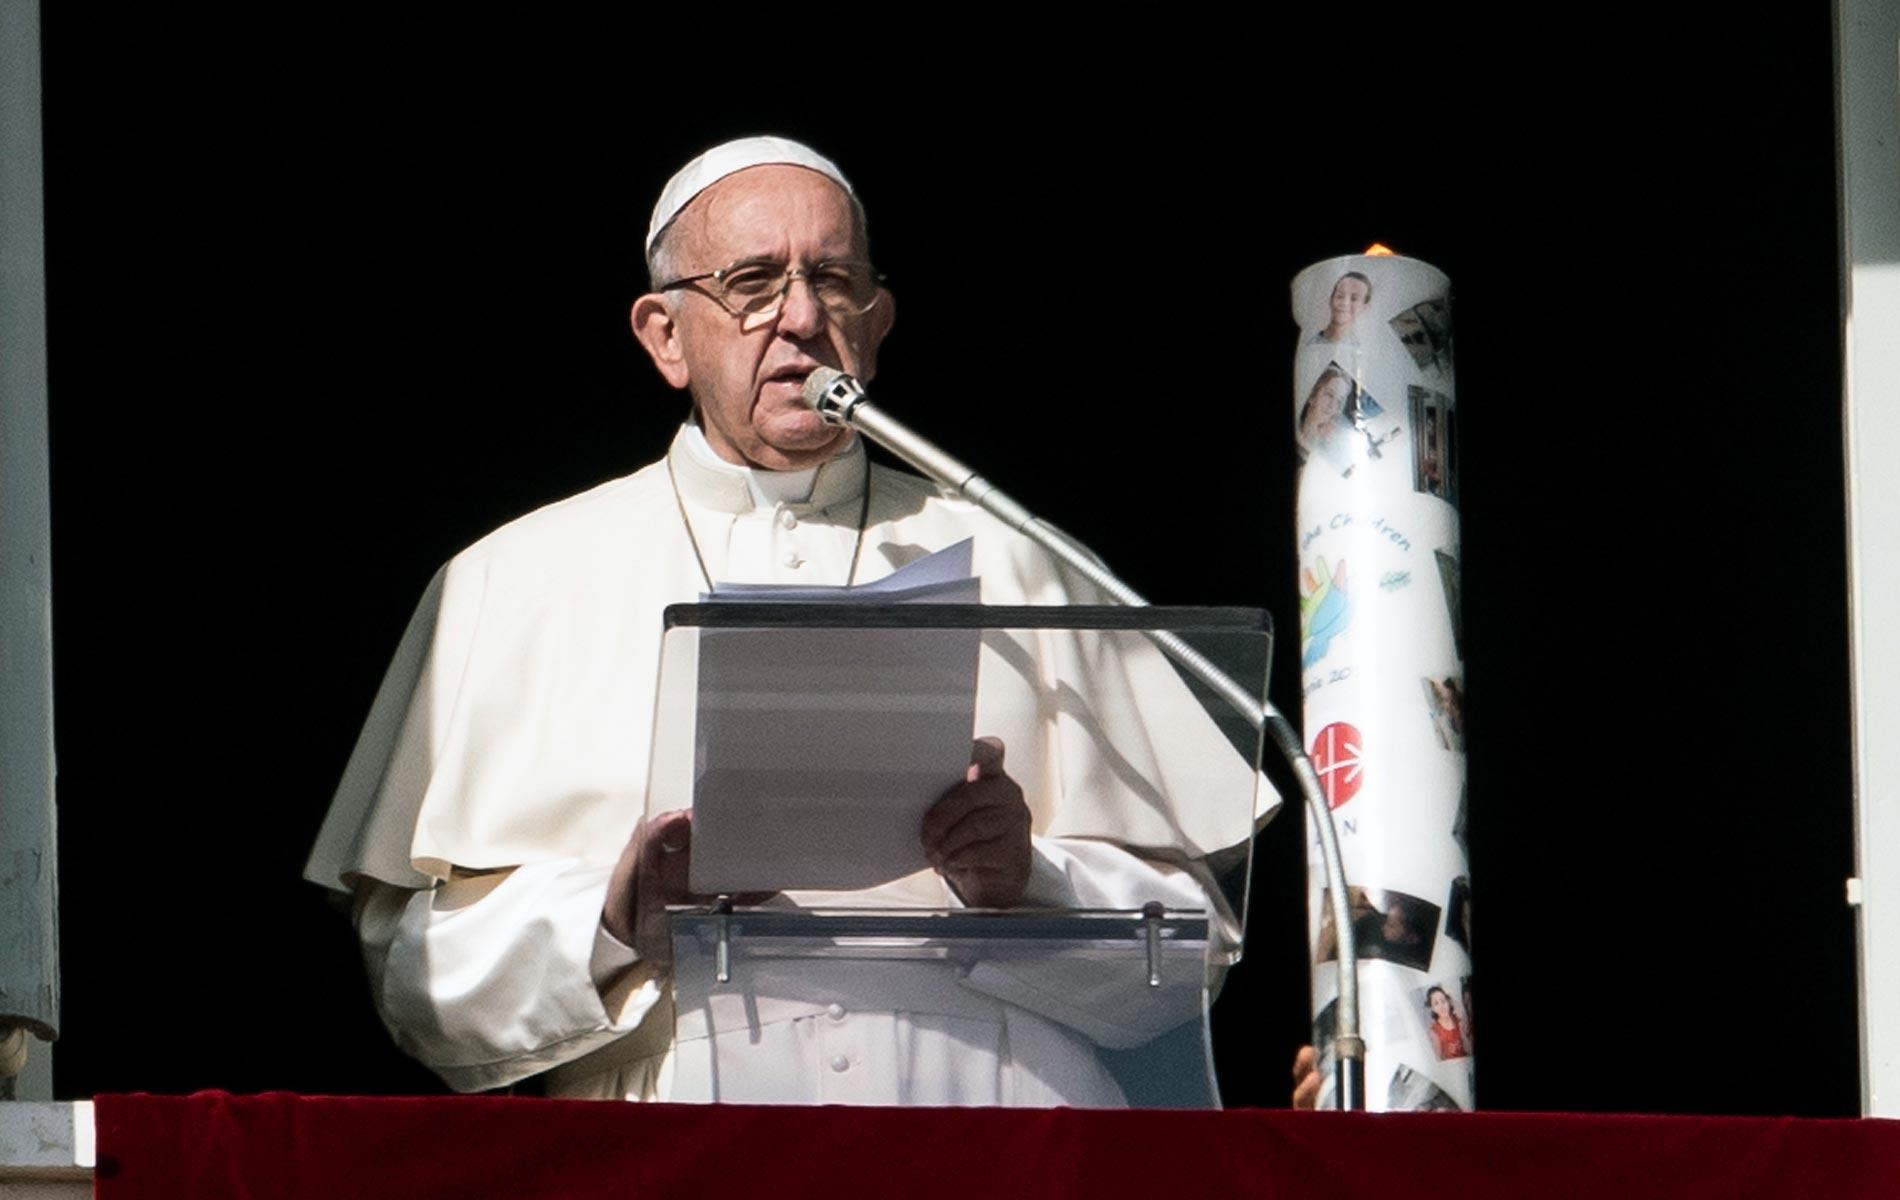 Santo Padre acendendo uma vela pela paz na Síria